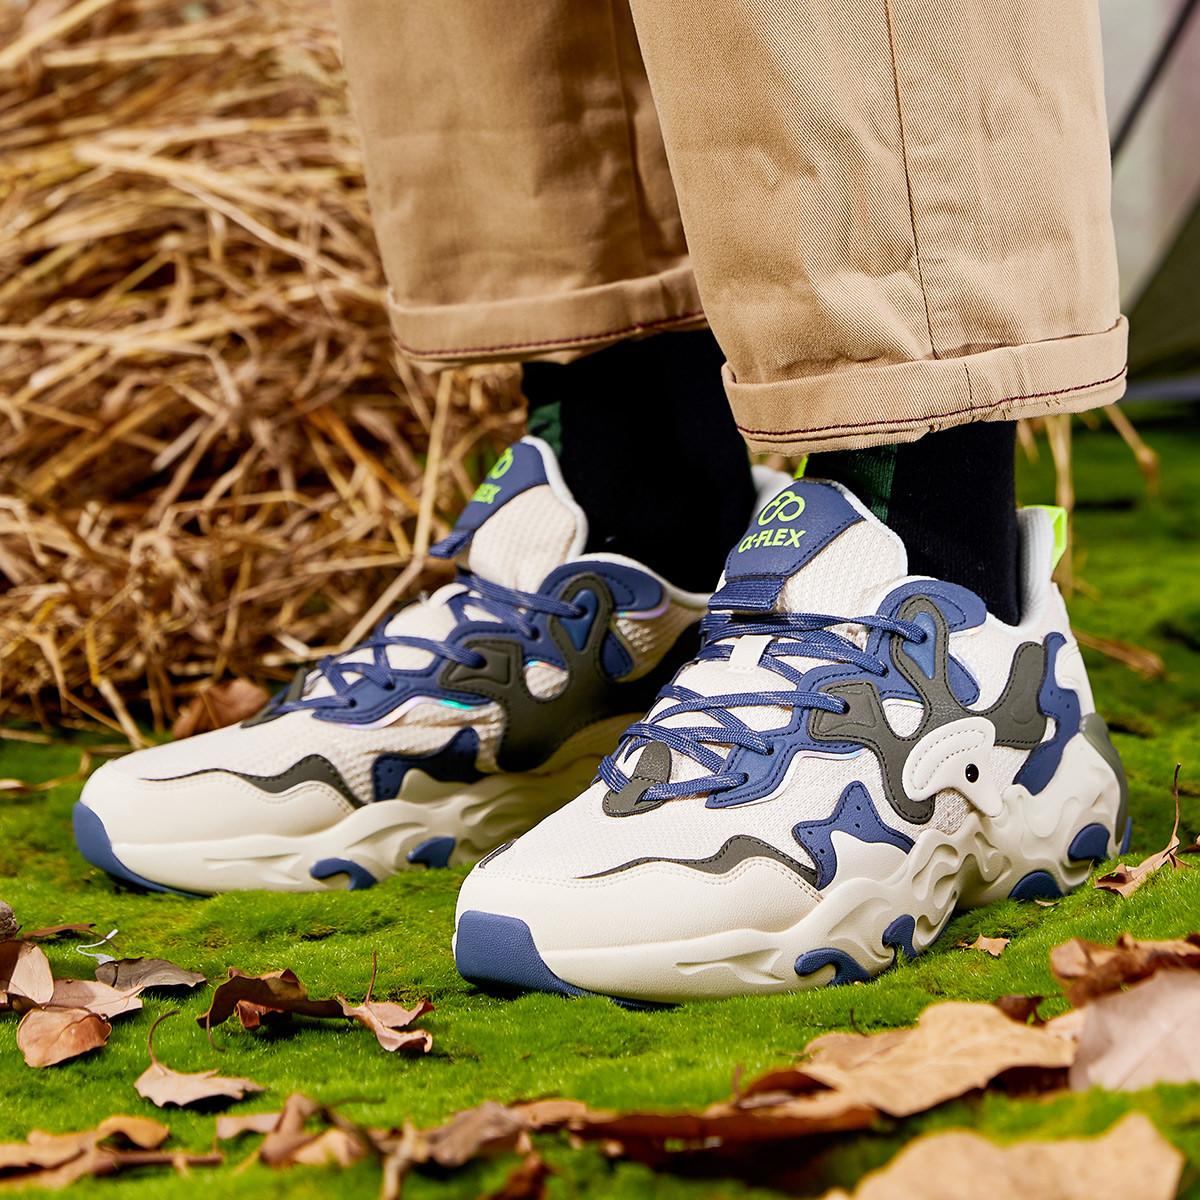 ERKE 鸿星尔克 奇弹 11120203531 男款科技跑鞋